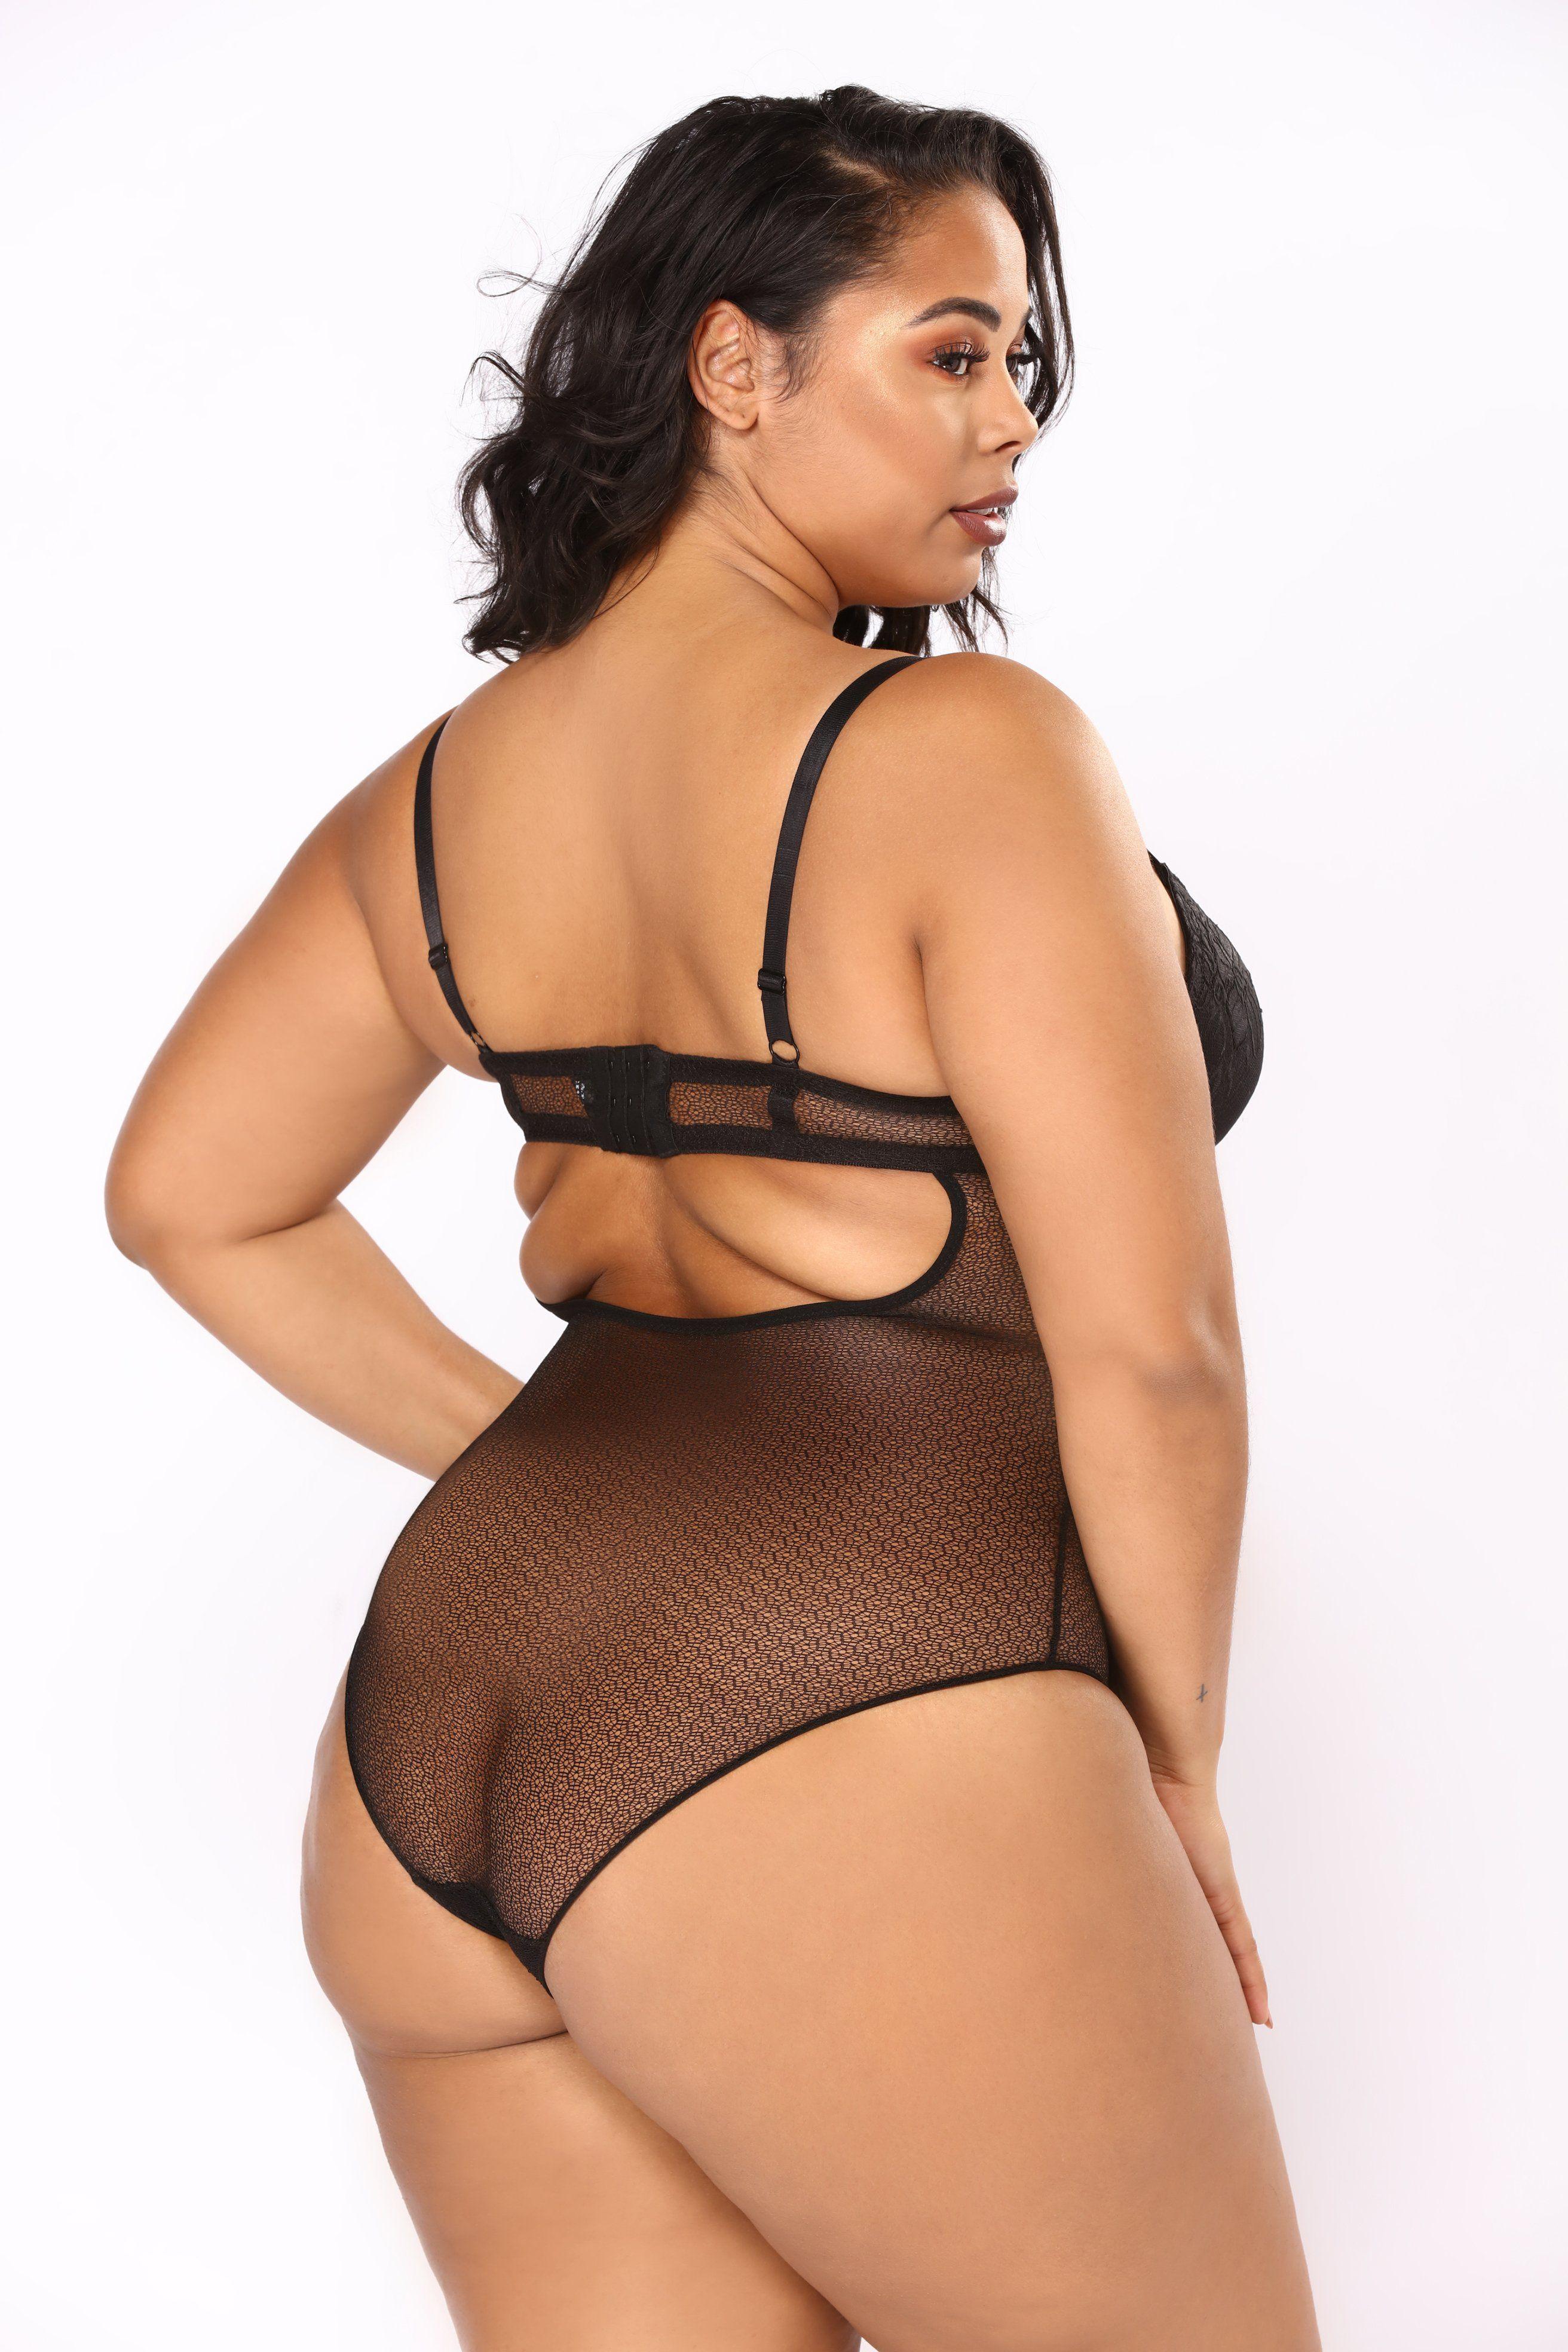 826b9afc75b01 Pin by Bviz Bviz on Tabria majors   Plus size lingerie, Plus ...